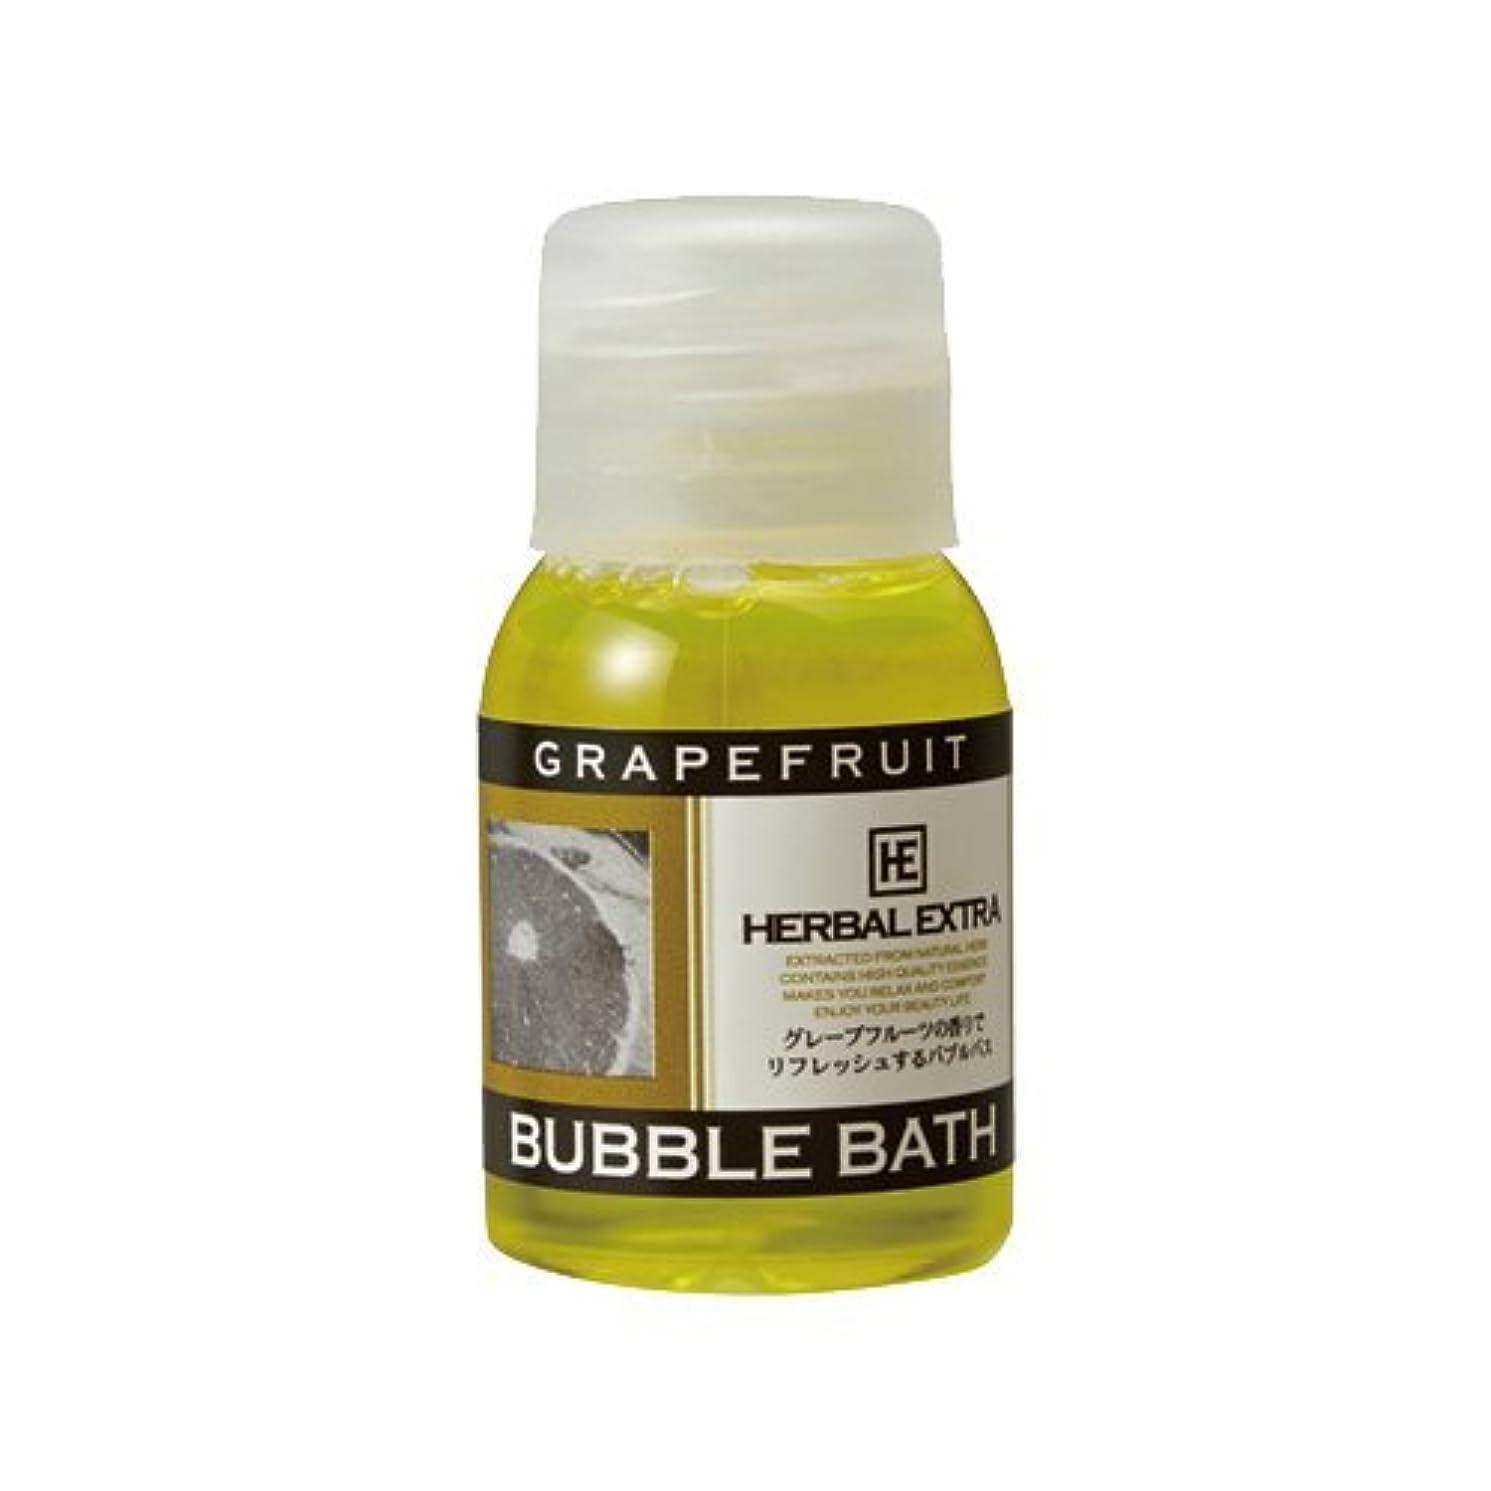 絶縁するキャロライングローハーバルエクストラ バブルバス ミニボトル グレープフルーツの香り × 5個セット - ホテルアメニティ 業務用 発泡入浴剤 (BUBBLE BATH)